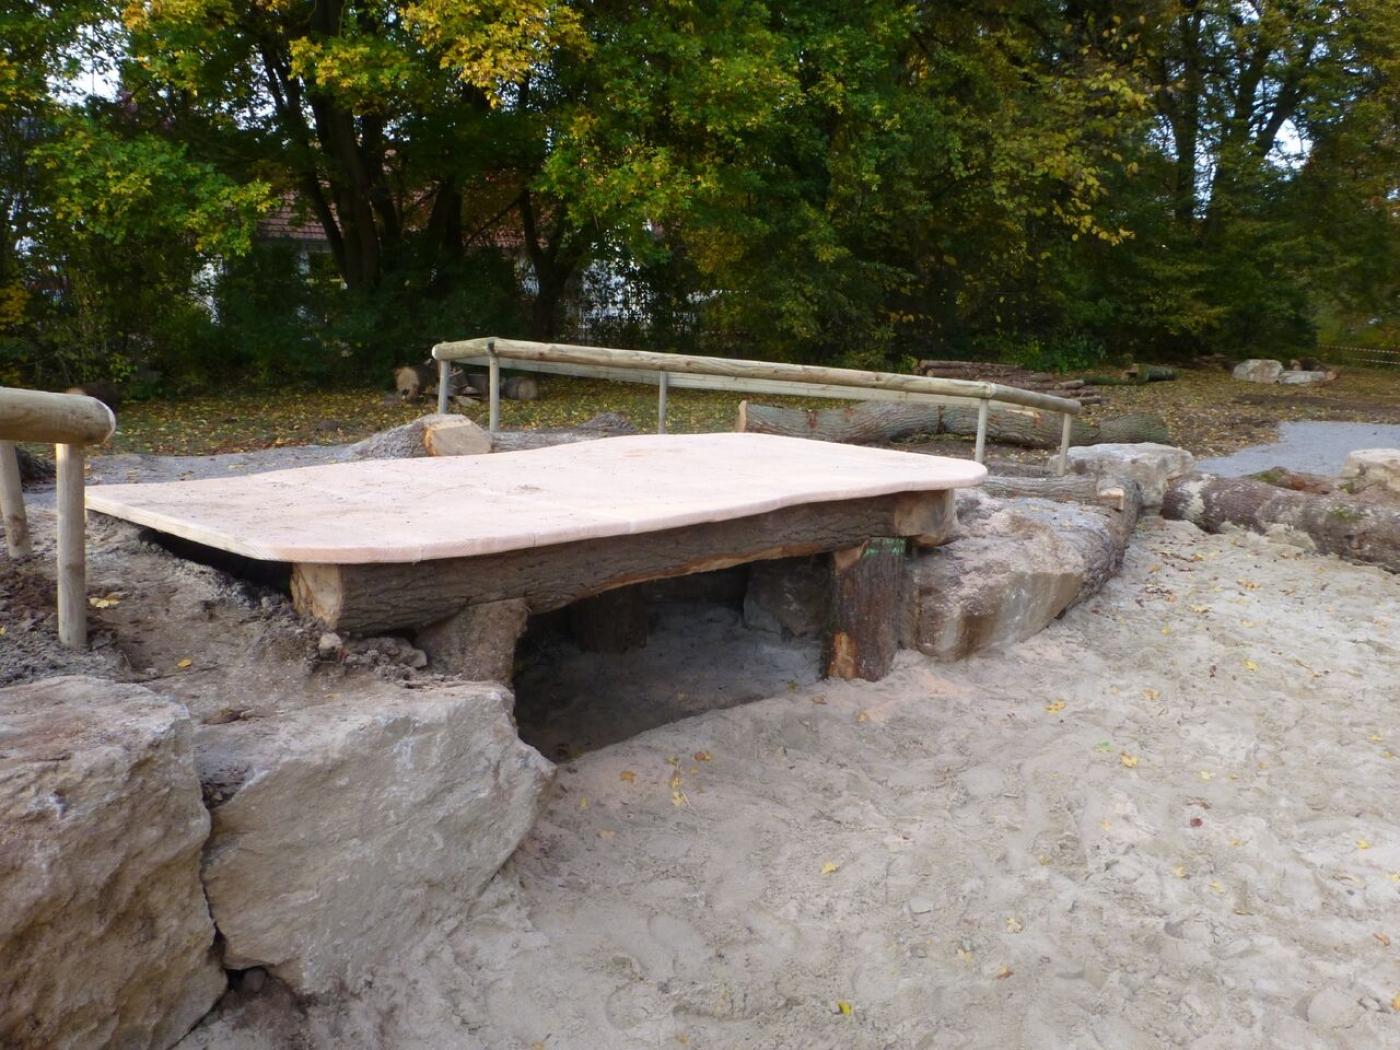 Baueinsatz am 29. Nov.: Die Hangbude hat ein Dach bekommen ...